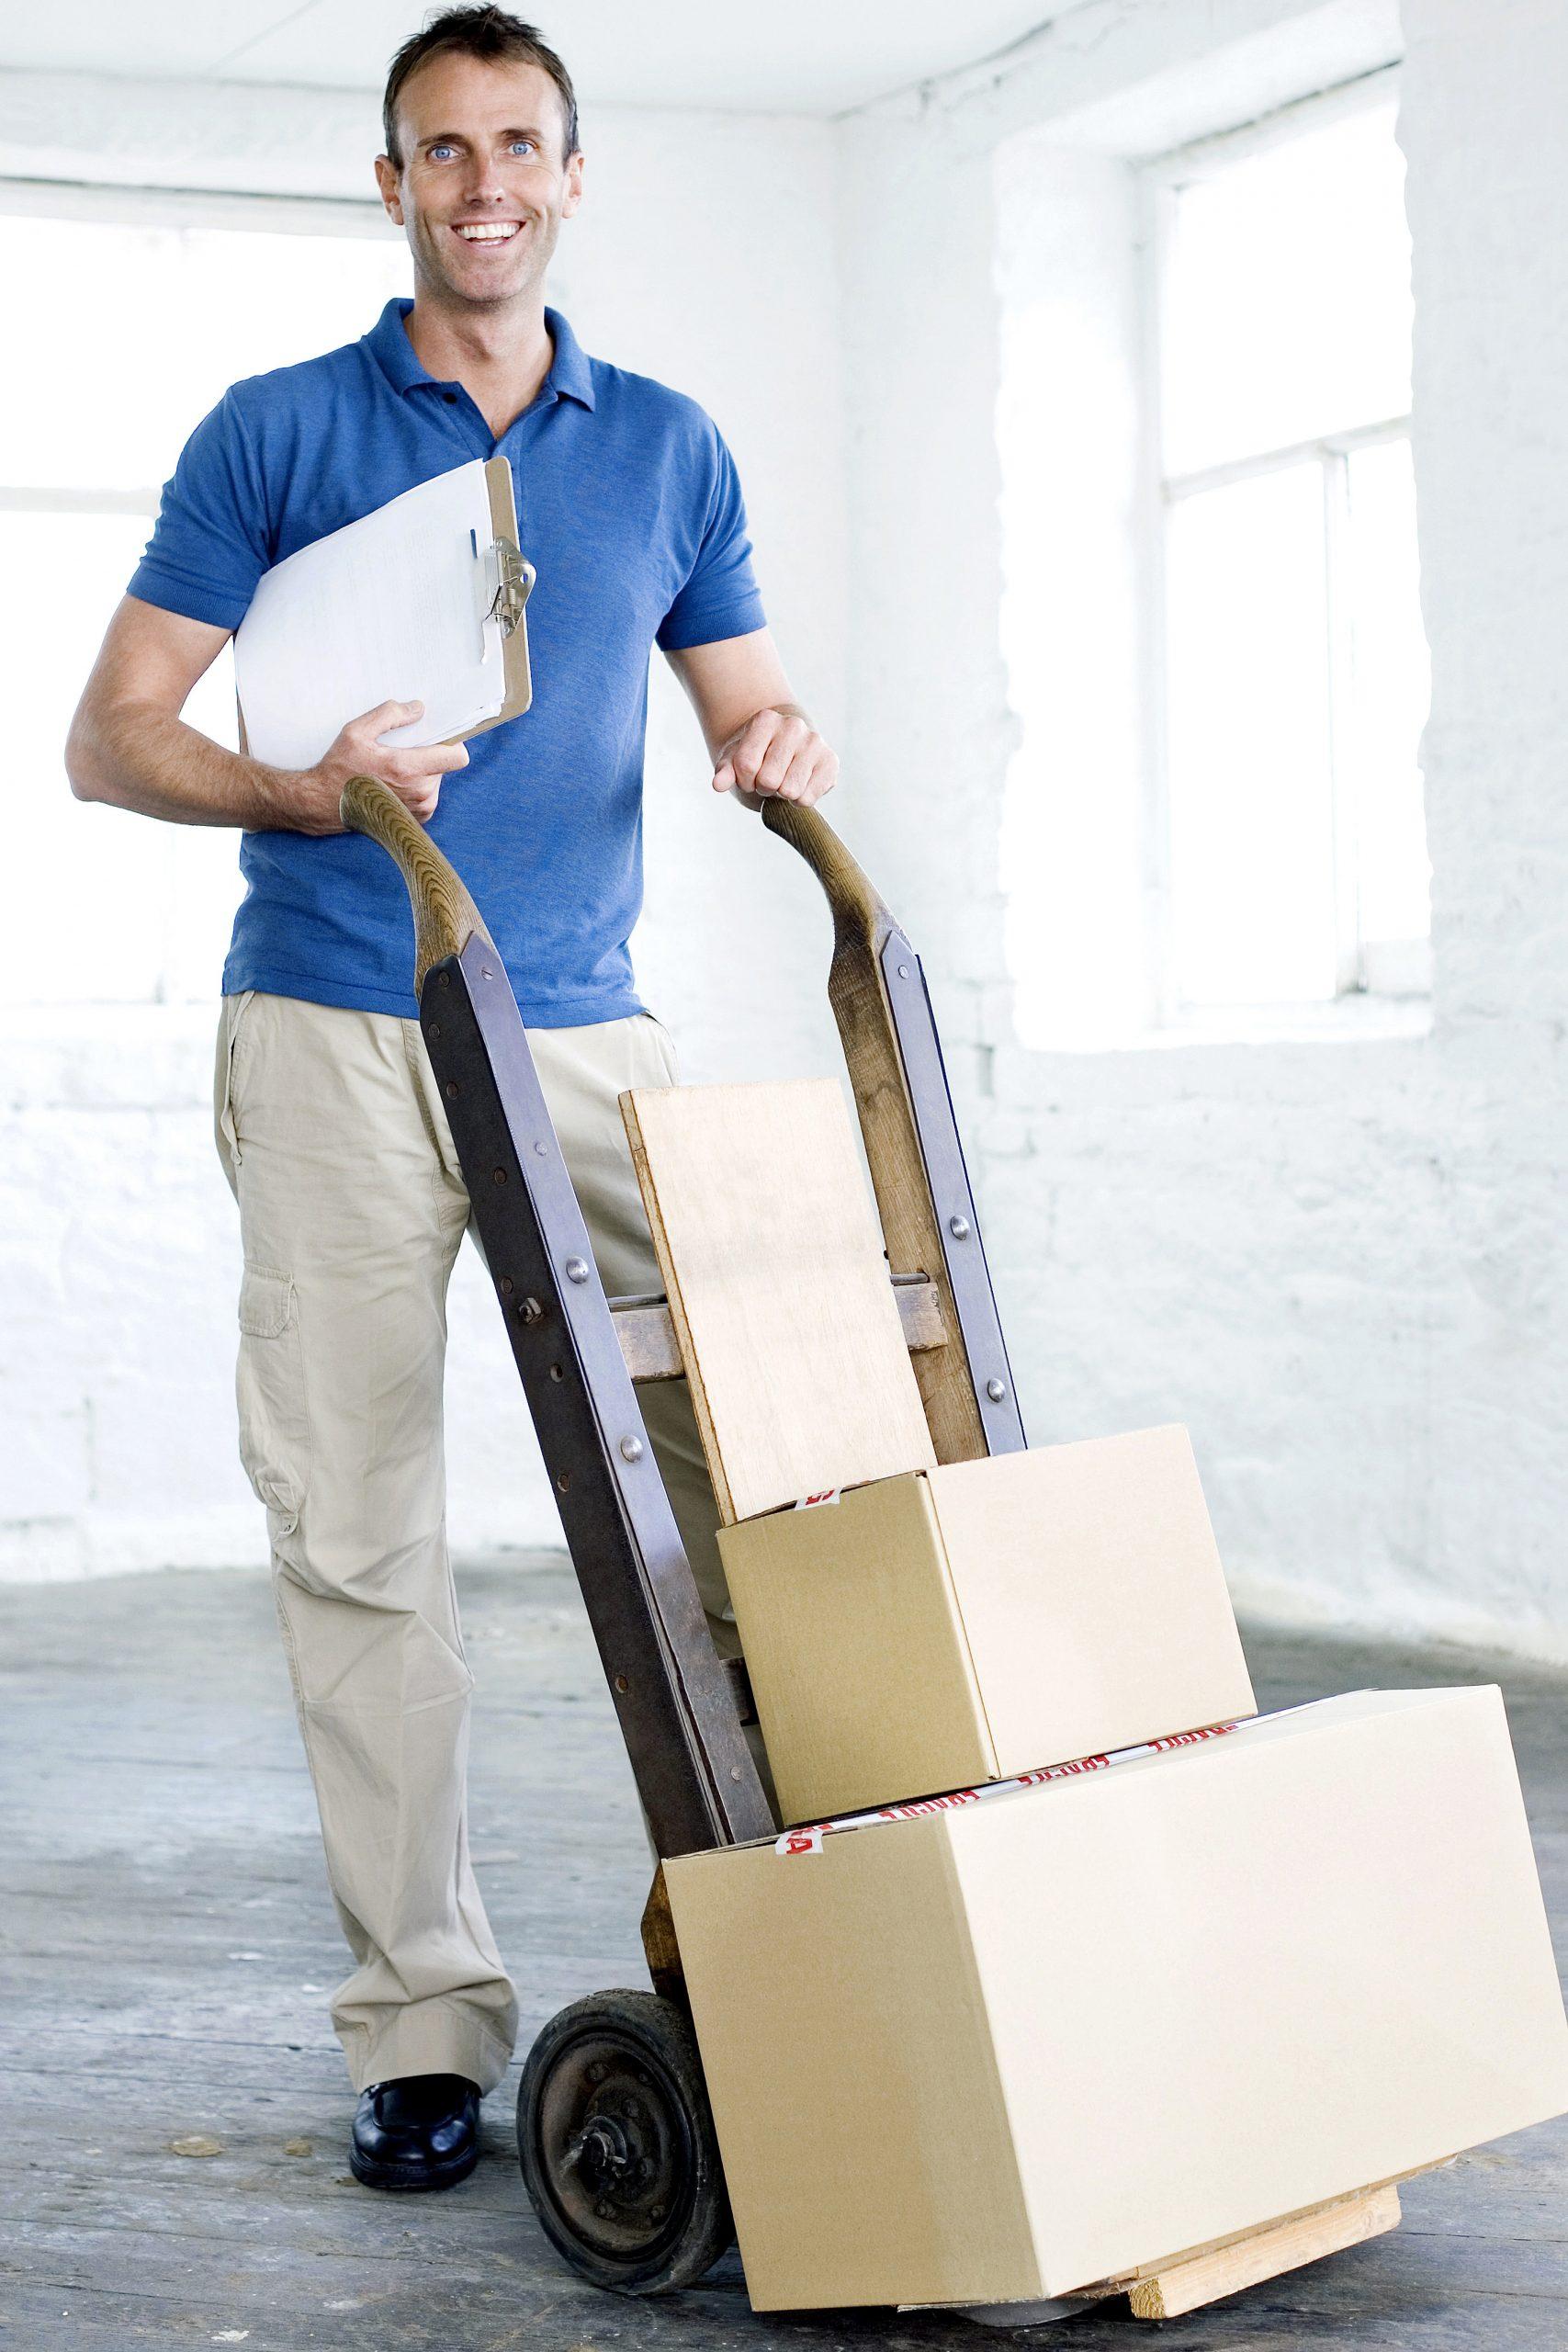 זוזו סוגרים פינה! מוצרים שווים להוספה למשלוח חינם / עד רף המכס בהזמנה מאמזון! (פוסט מתעדכן)